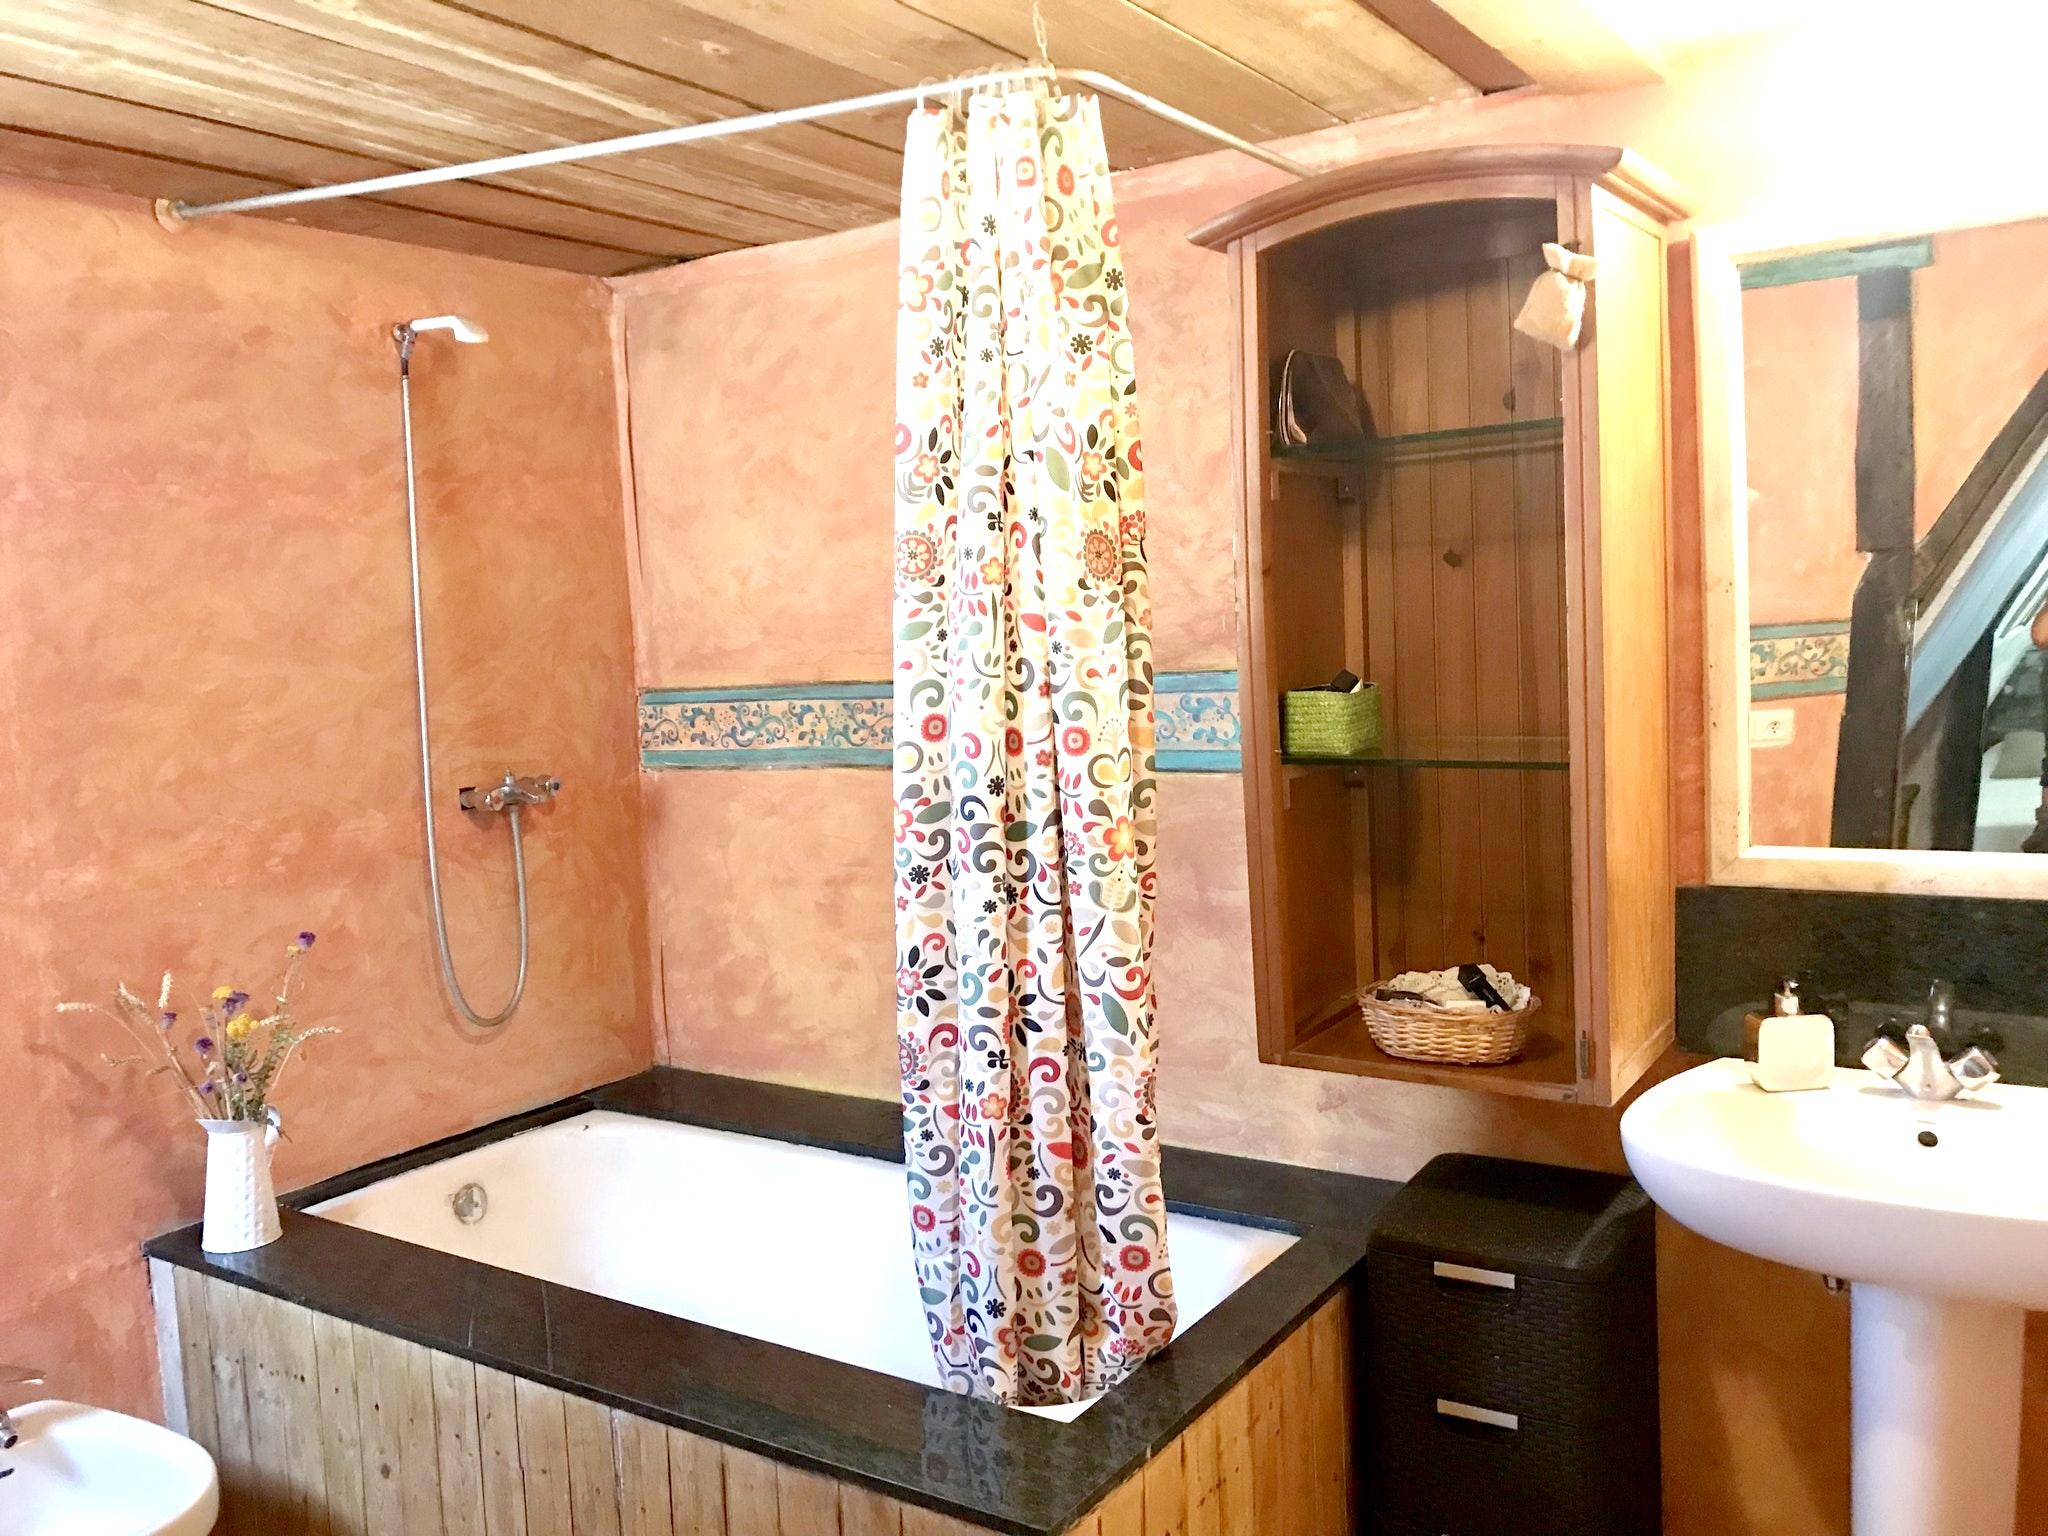 Maison de vacances Hütte mit 4 Schlafzimmern in Camarena de la Sierra mit toller Aussicht auf die Berge, priv (2474258), Camarena de la Sierra, Teruel, Aragon, Espagne, image 27